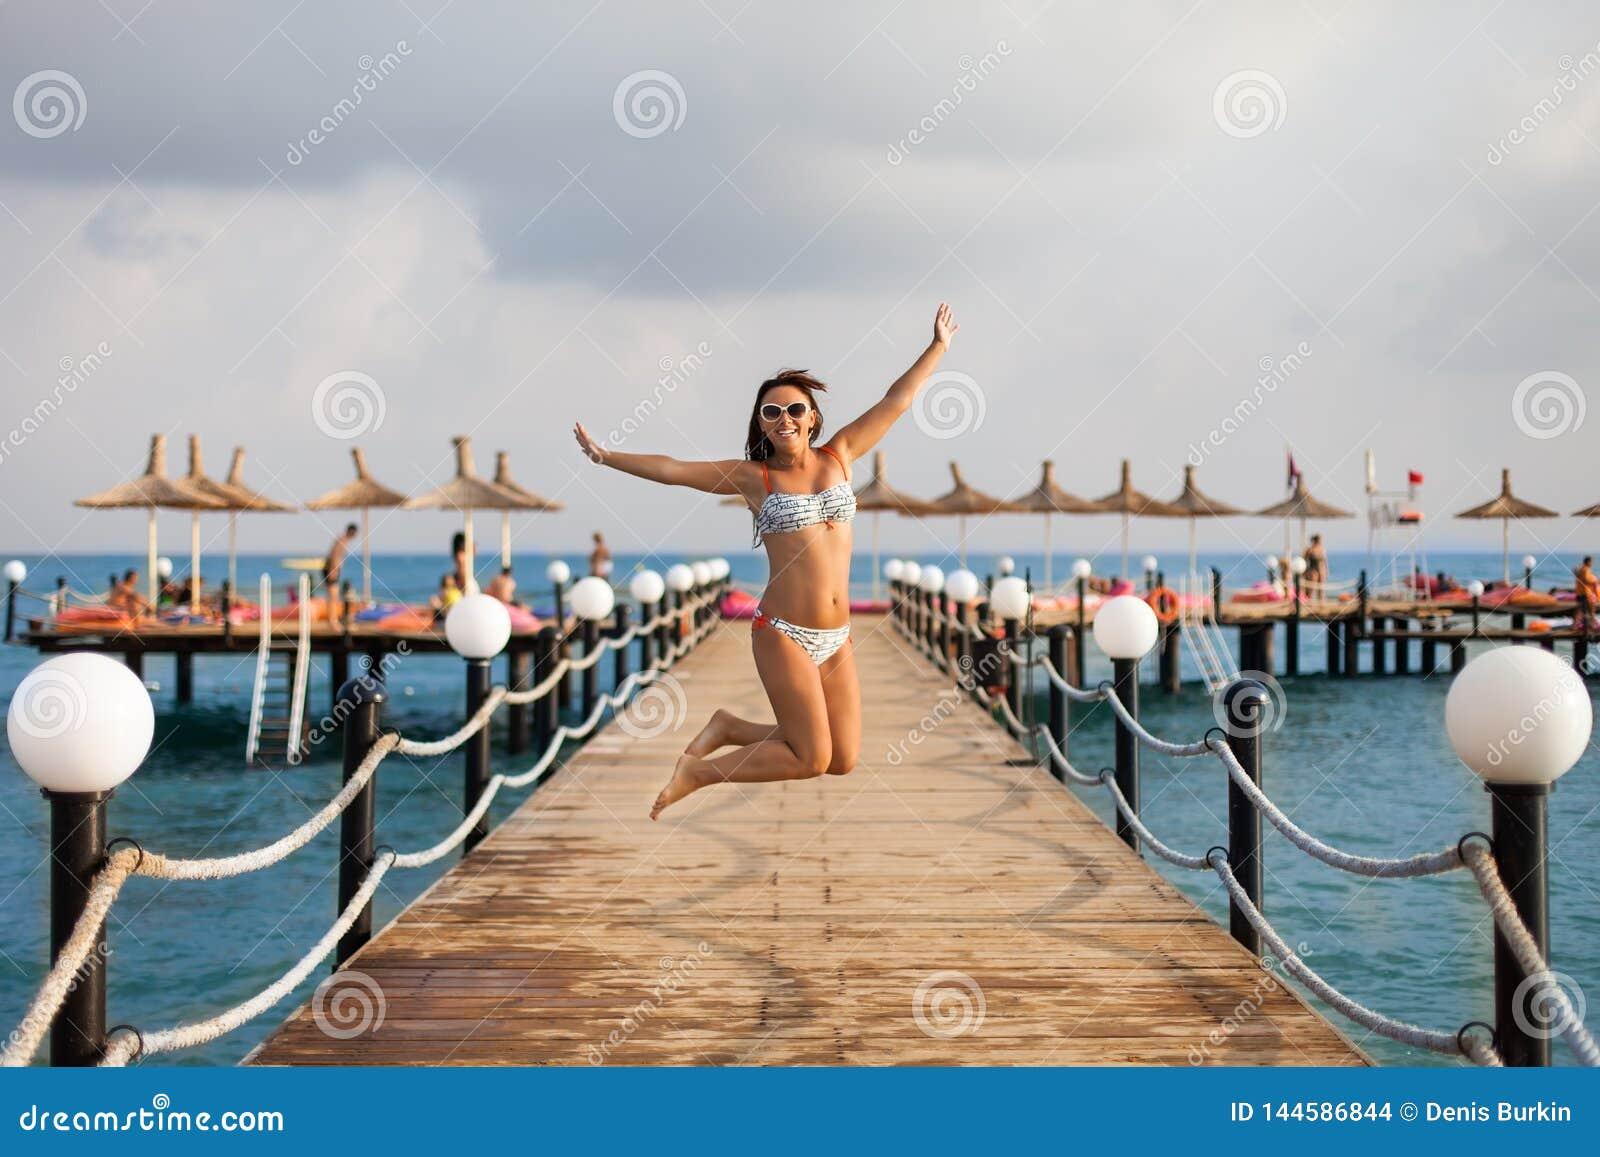 Dziewczyna w swimsuit skakał na molu Szczęśliwa dziewczyna na molu odizolowywająca pojęcie czarny wolność Powabna dziewczyna jump